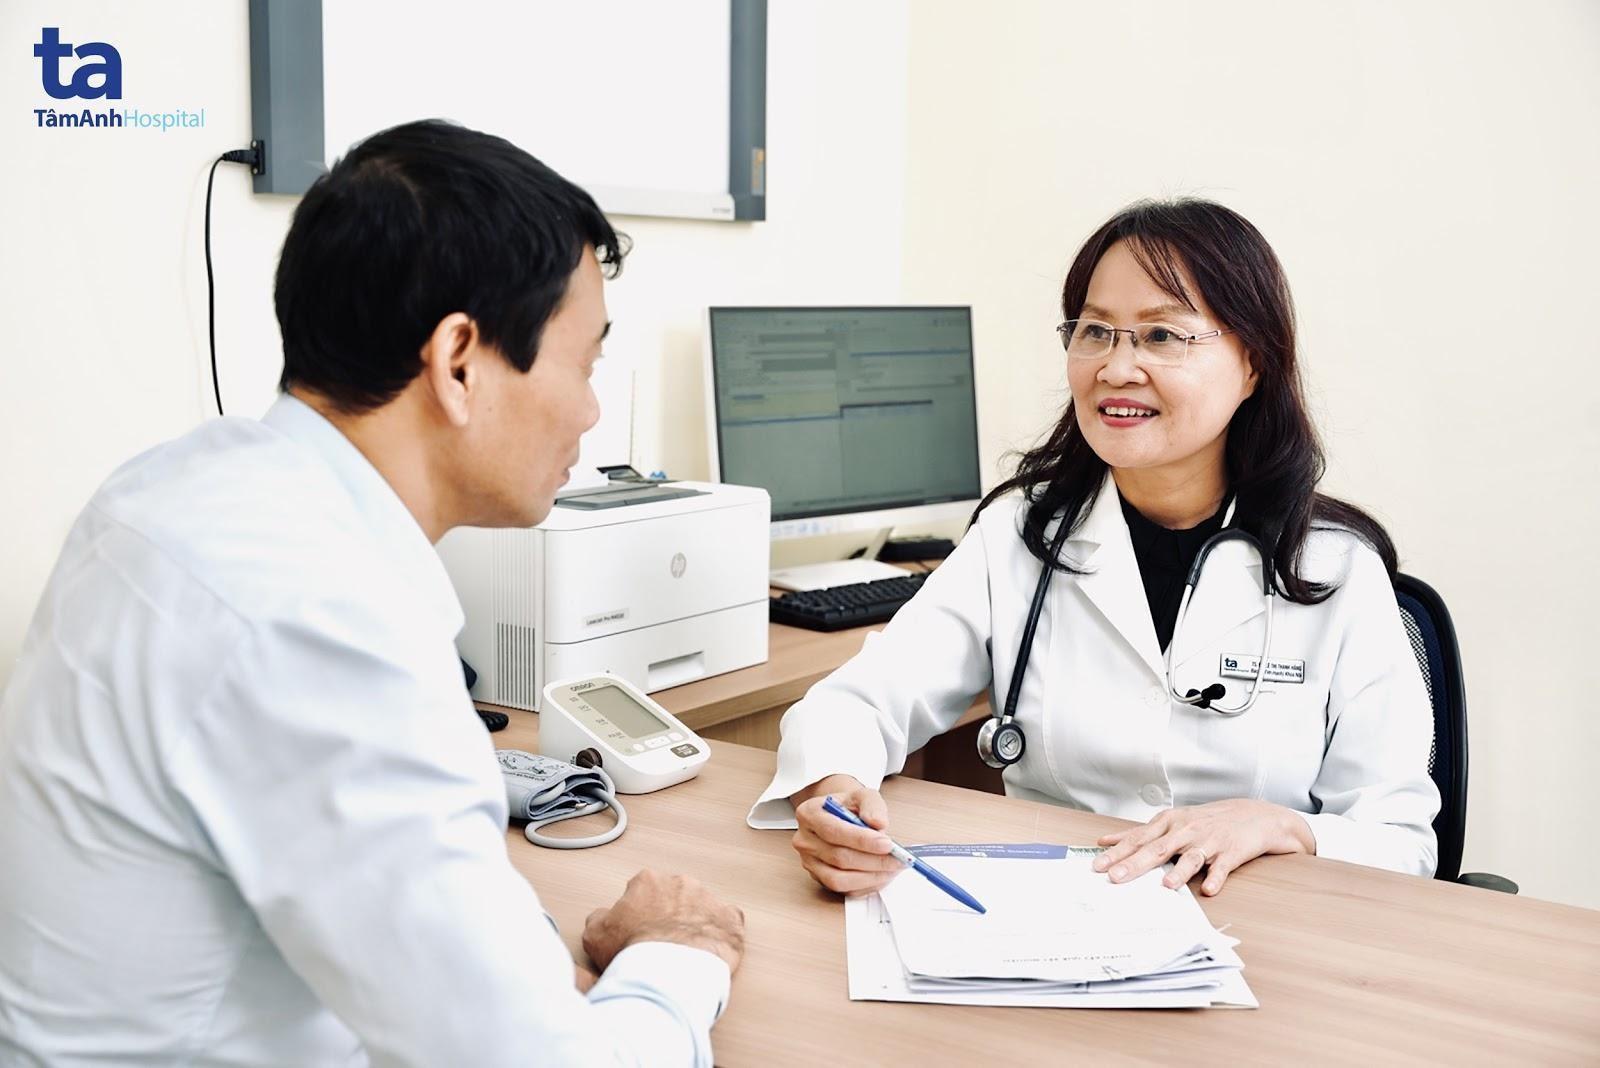 Dựa vào kết quả siêu âm tim, bác sĩ sẽ tư vấn và hướng dẫn phác đồ điều trị phù hợp cho bệnh nhân.